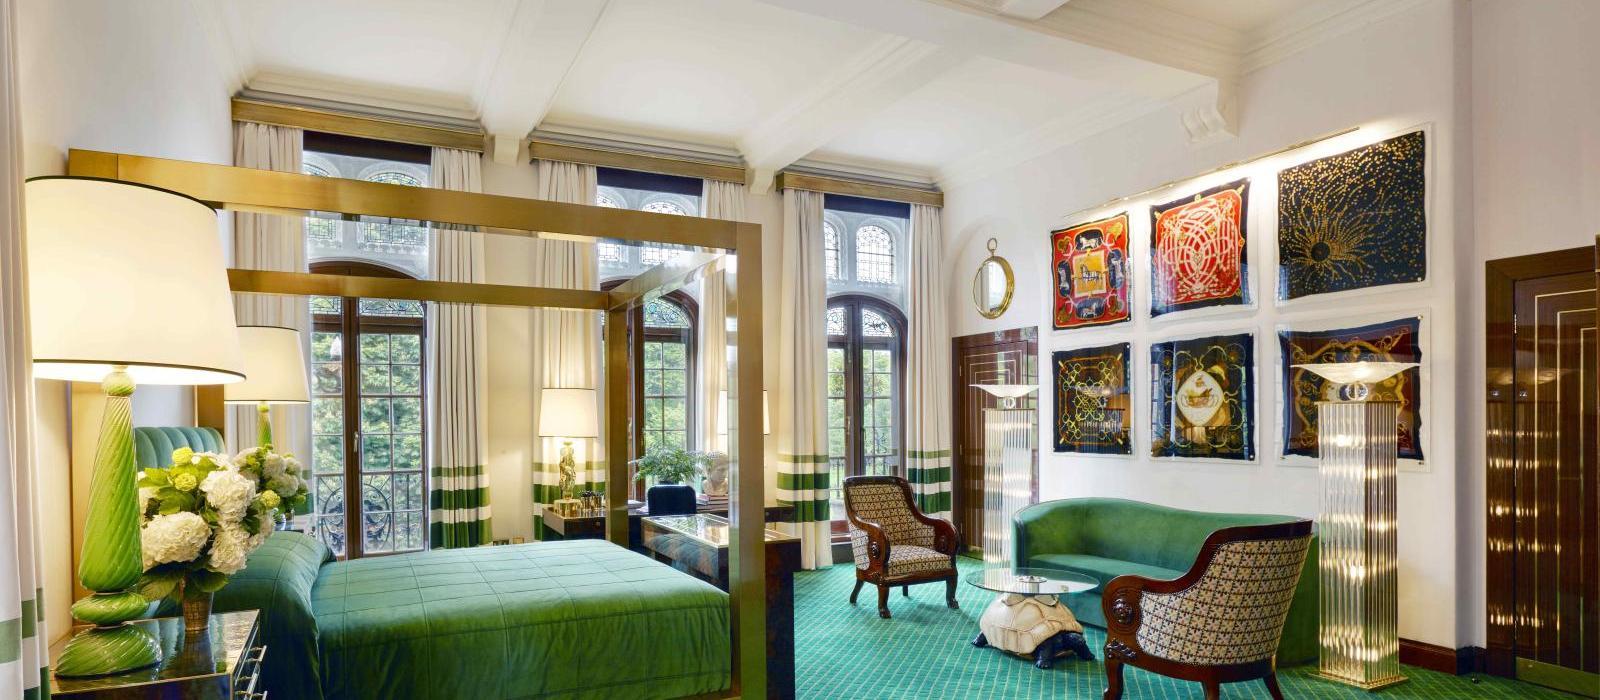 肯辛顿里程碑酒店(The Milestone Hotel & Residences)【 伦敦,英国】 酒店  sbzyxjw.safe27.net